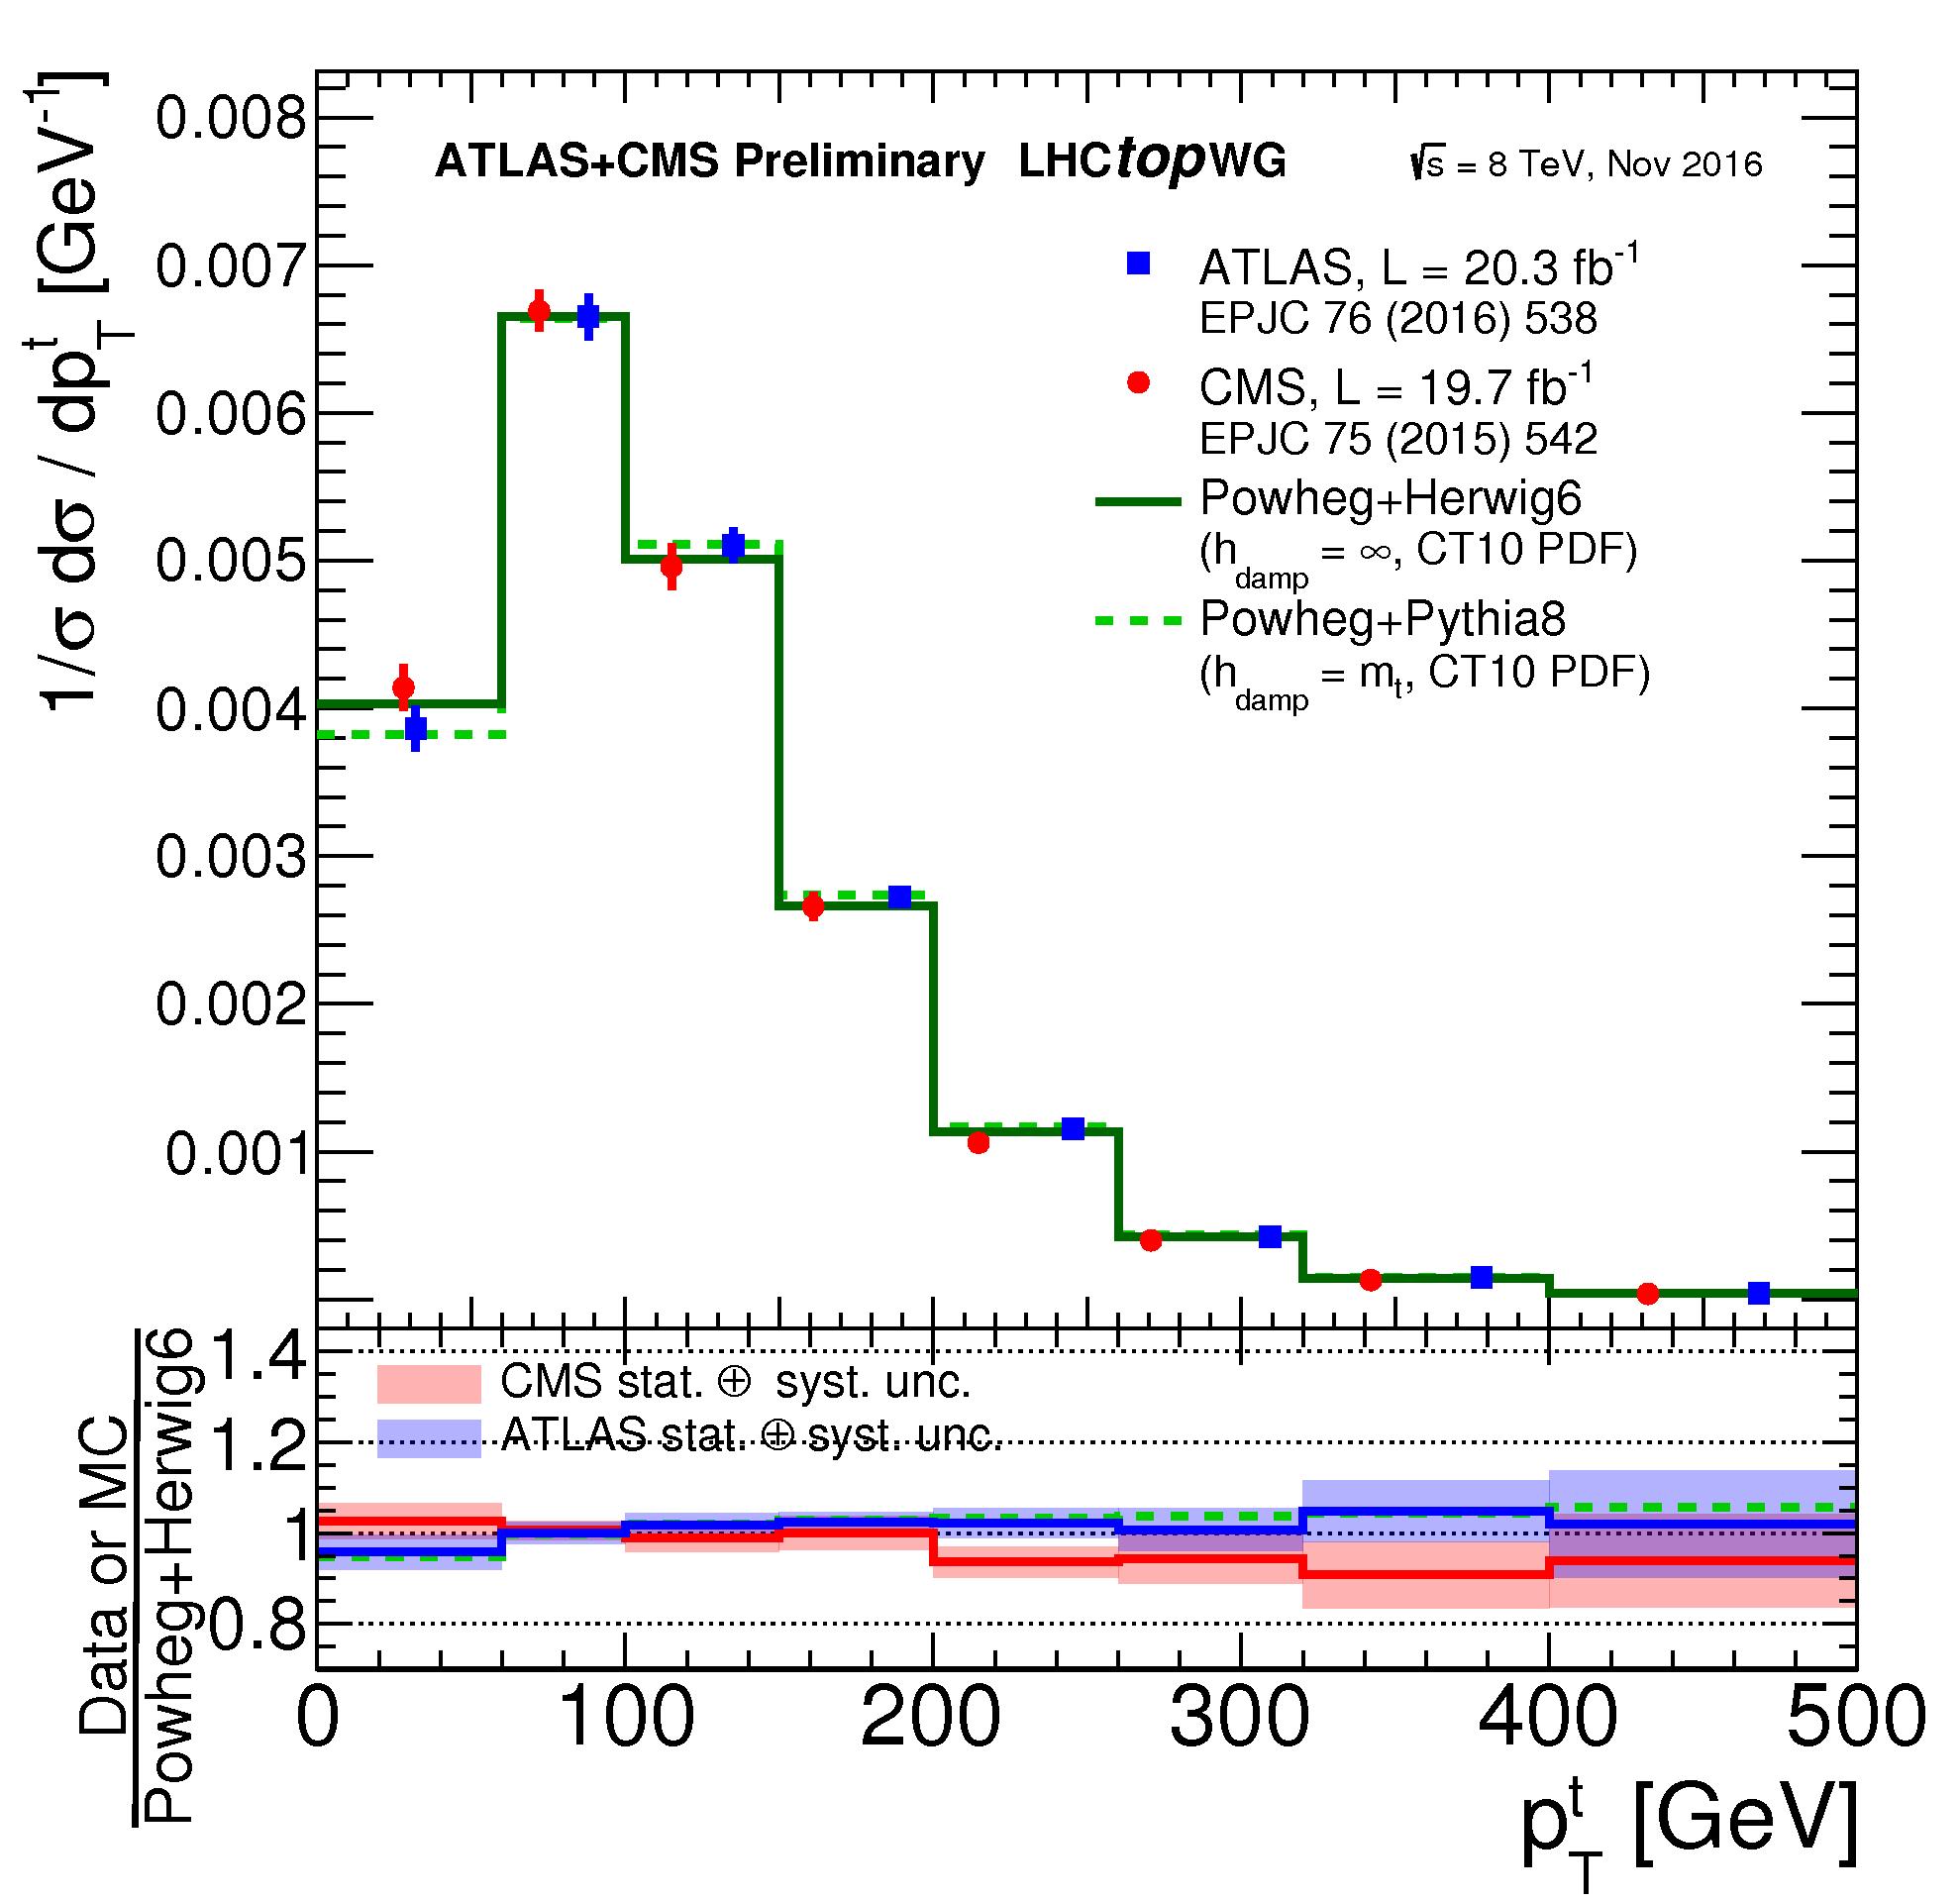 https://atlas.web.cern.ch/Atlas/GROUPS/PHYSICS/CombinedSummaryPlots/TOP/tt_xsec_diff_8TeV_toppt_MC/tt_xsec_diff_8TeV_toppt_MC.png